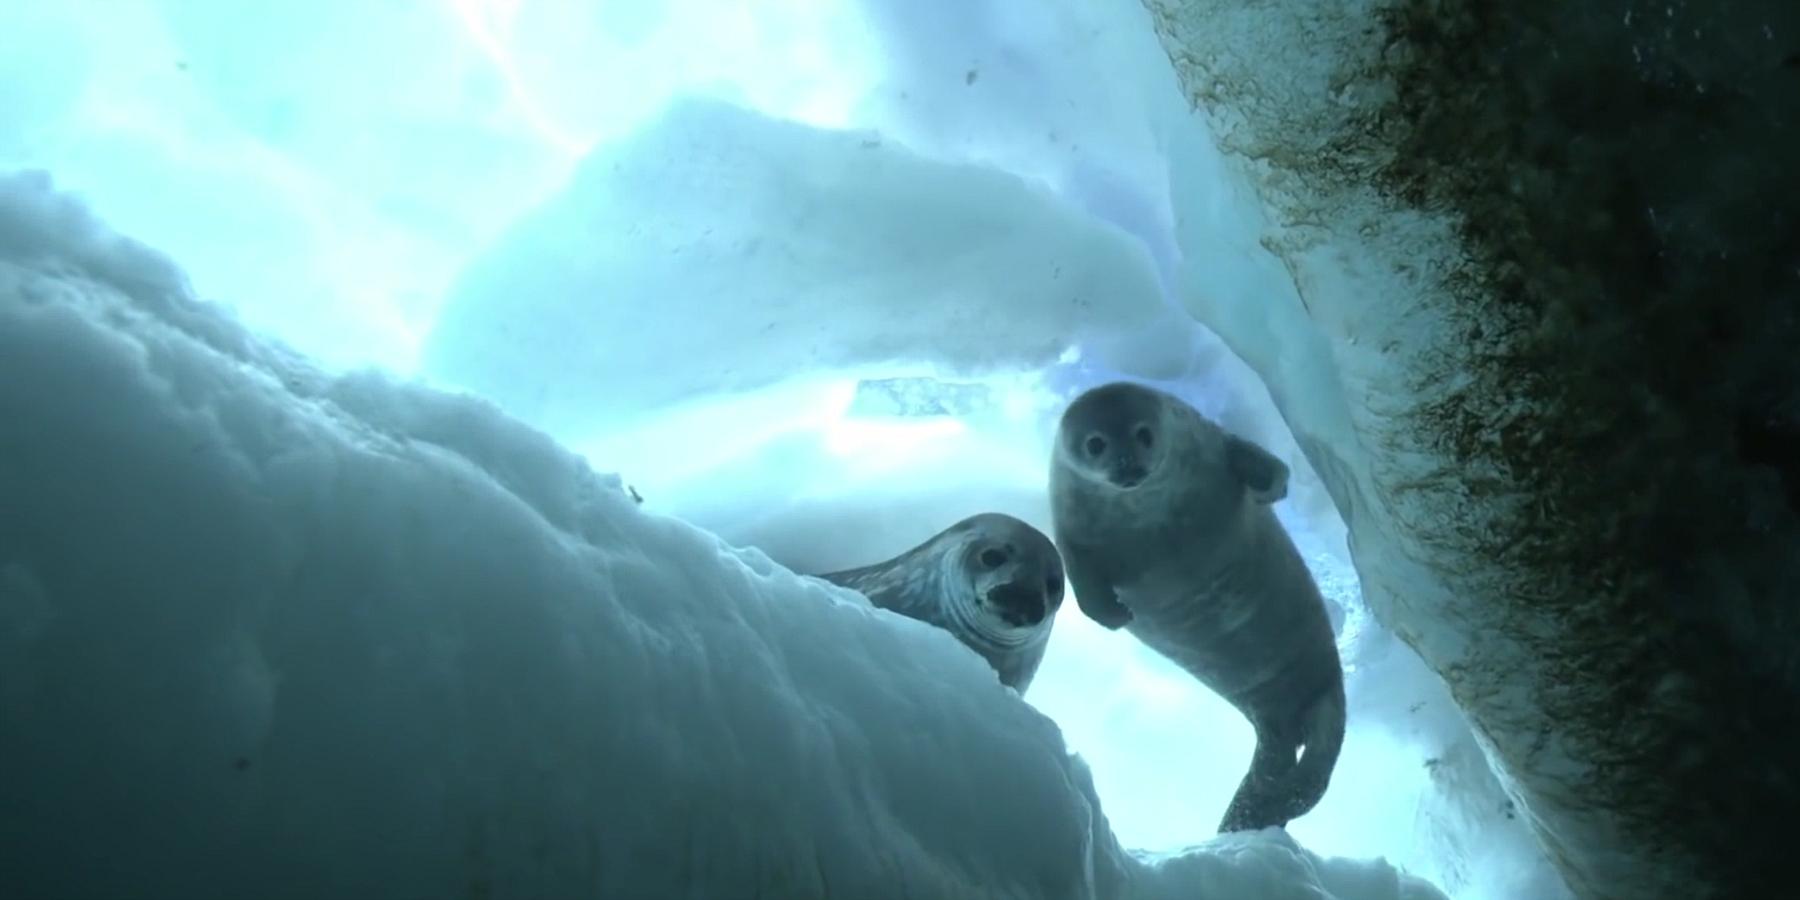 Phoques de Weddell - Expédition Antarctica : doigts de glace et phoques de Weddell